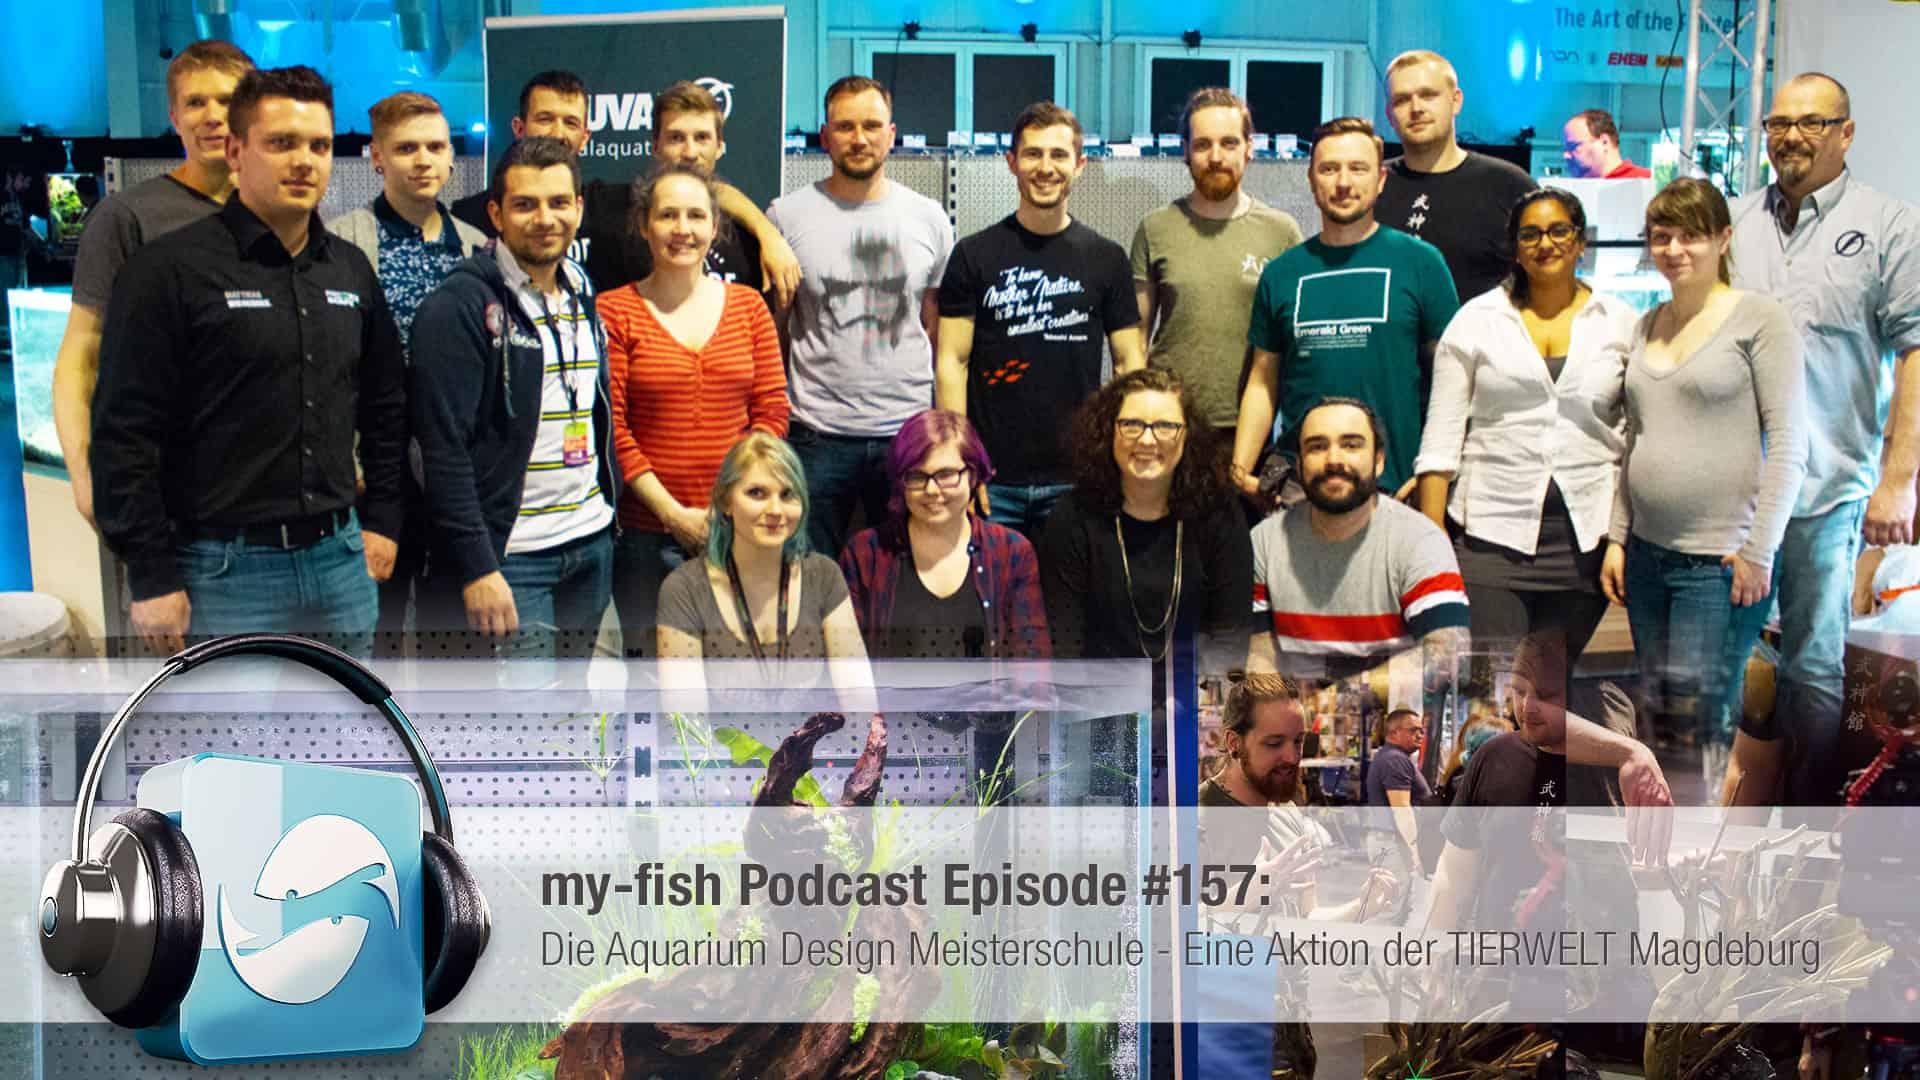 Podcast Episode #157 : Die Aquarium Design Meisterschule – Eine Aktion der TIERWELT Magdeburg 1